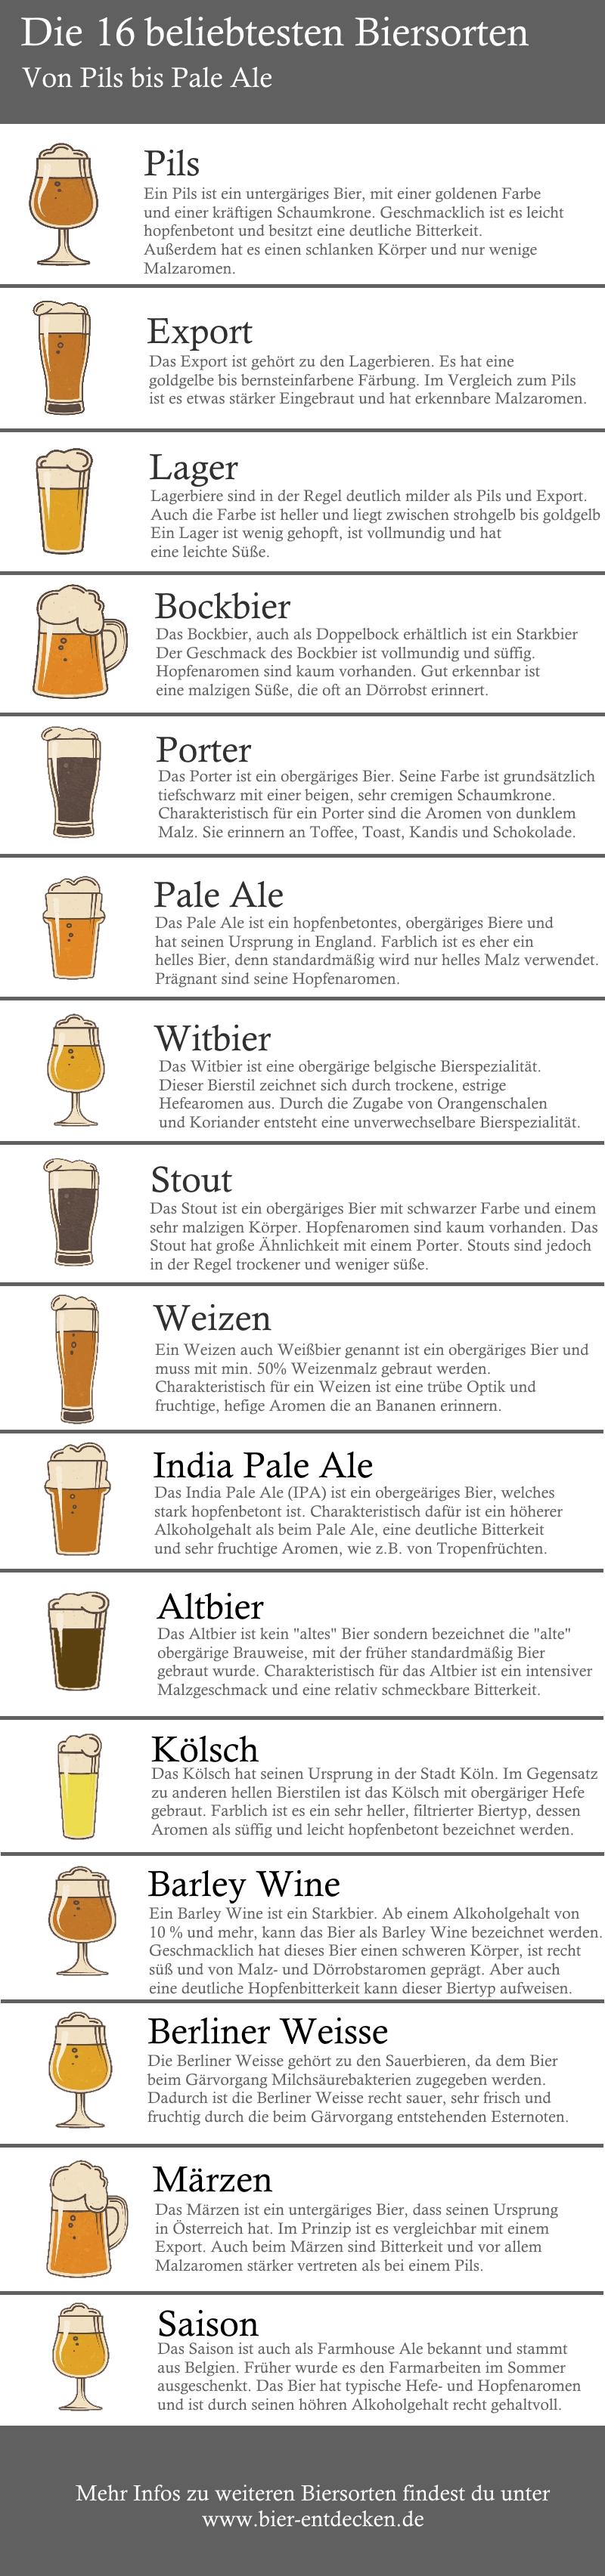 Bier-Leitfaden: die beliebtesten Biersorten